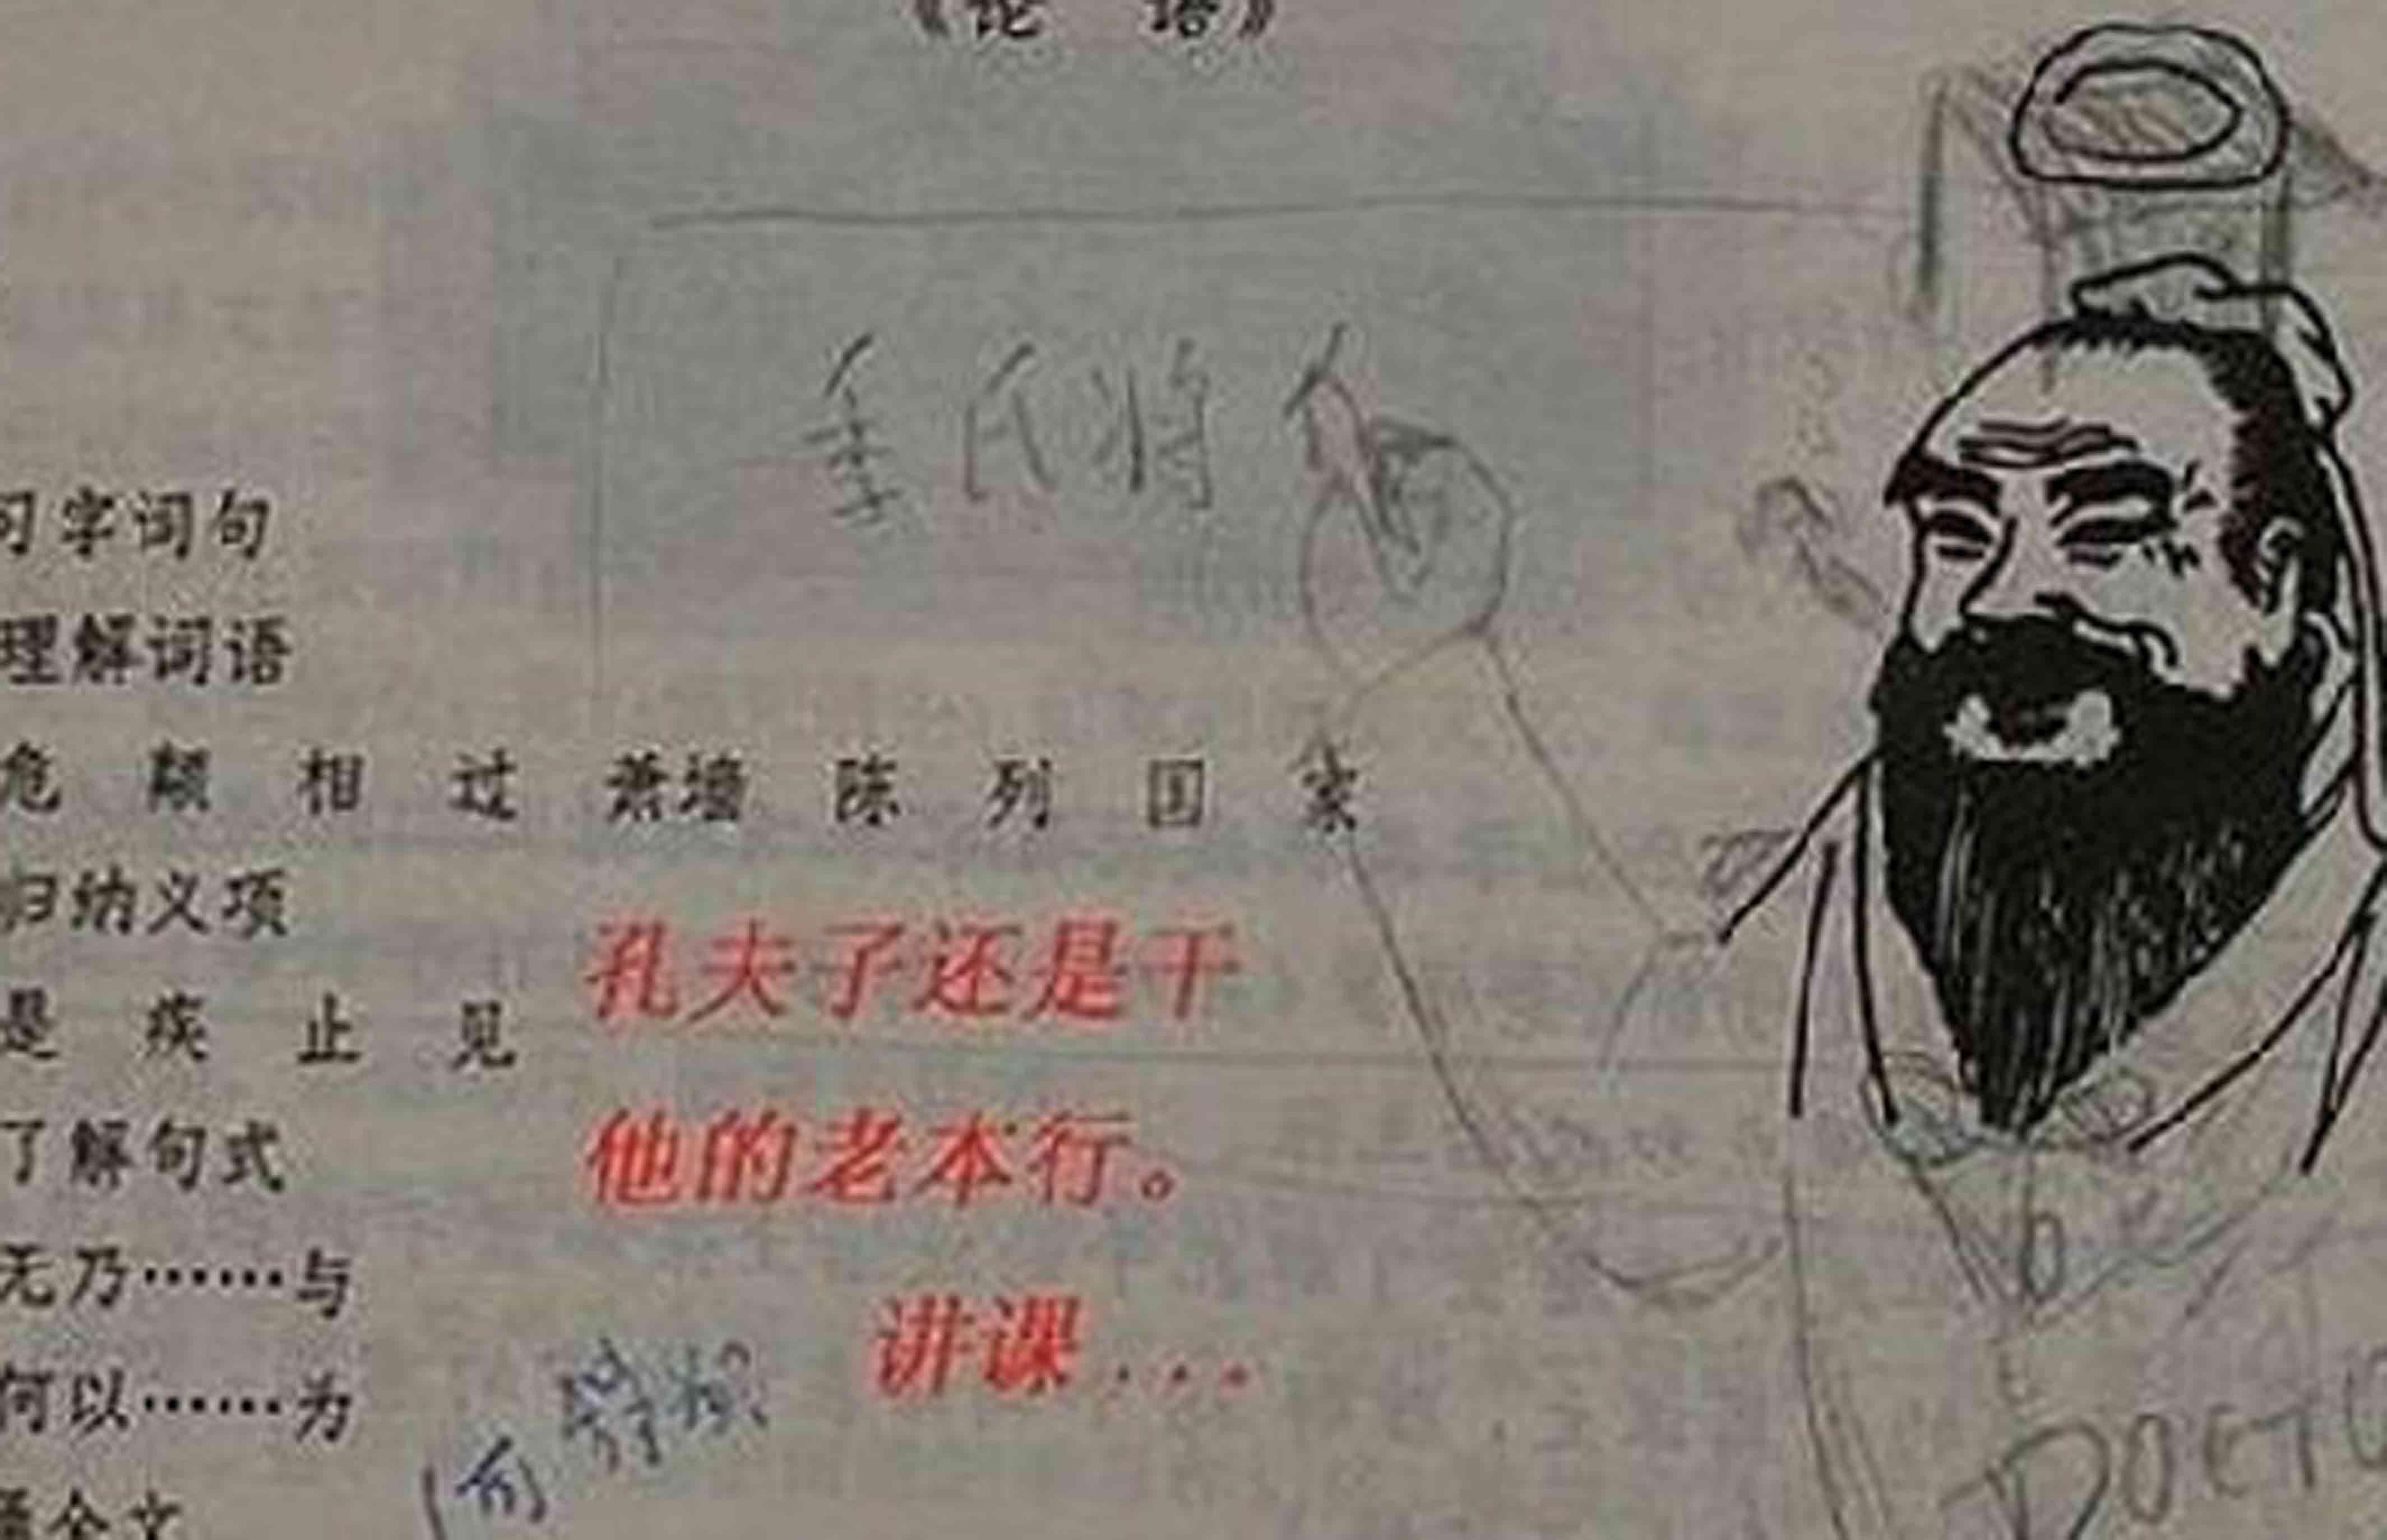 因语文课本上涂鸦图片在微博上疯转而被形容很忙的唐代诗人是谁图片